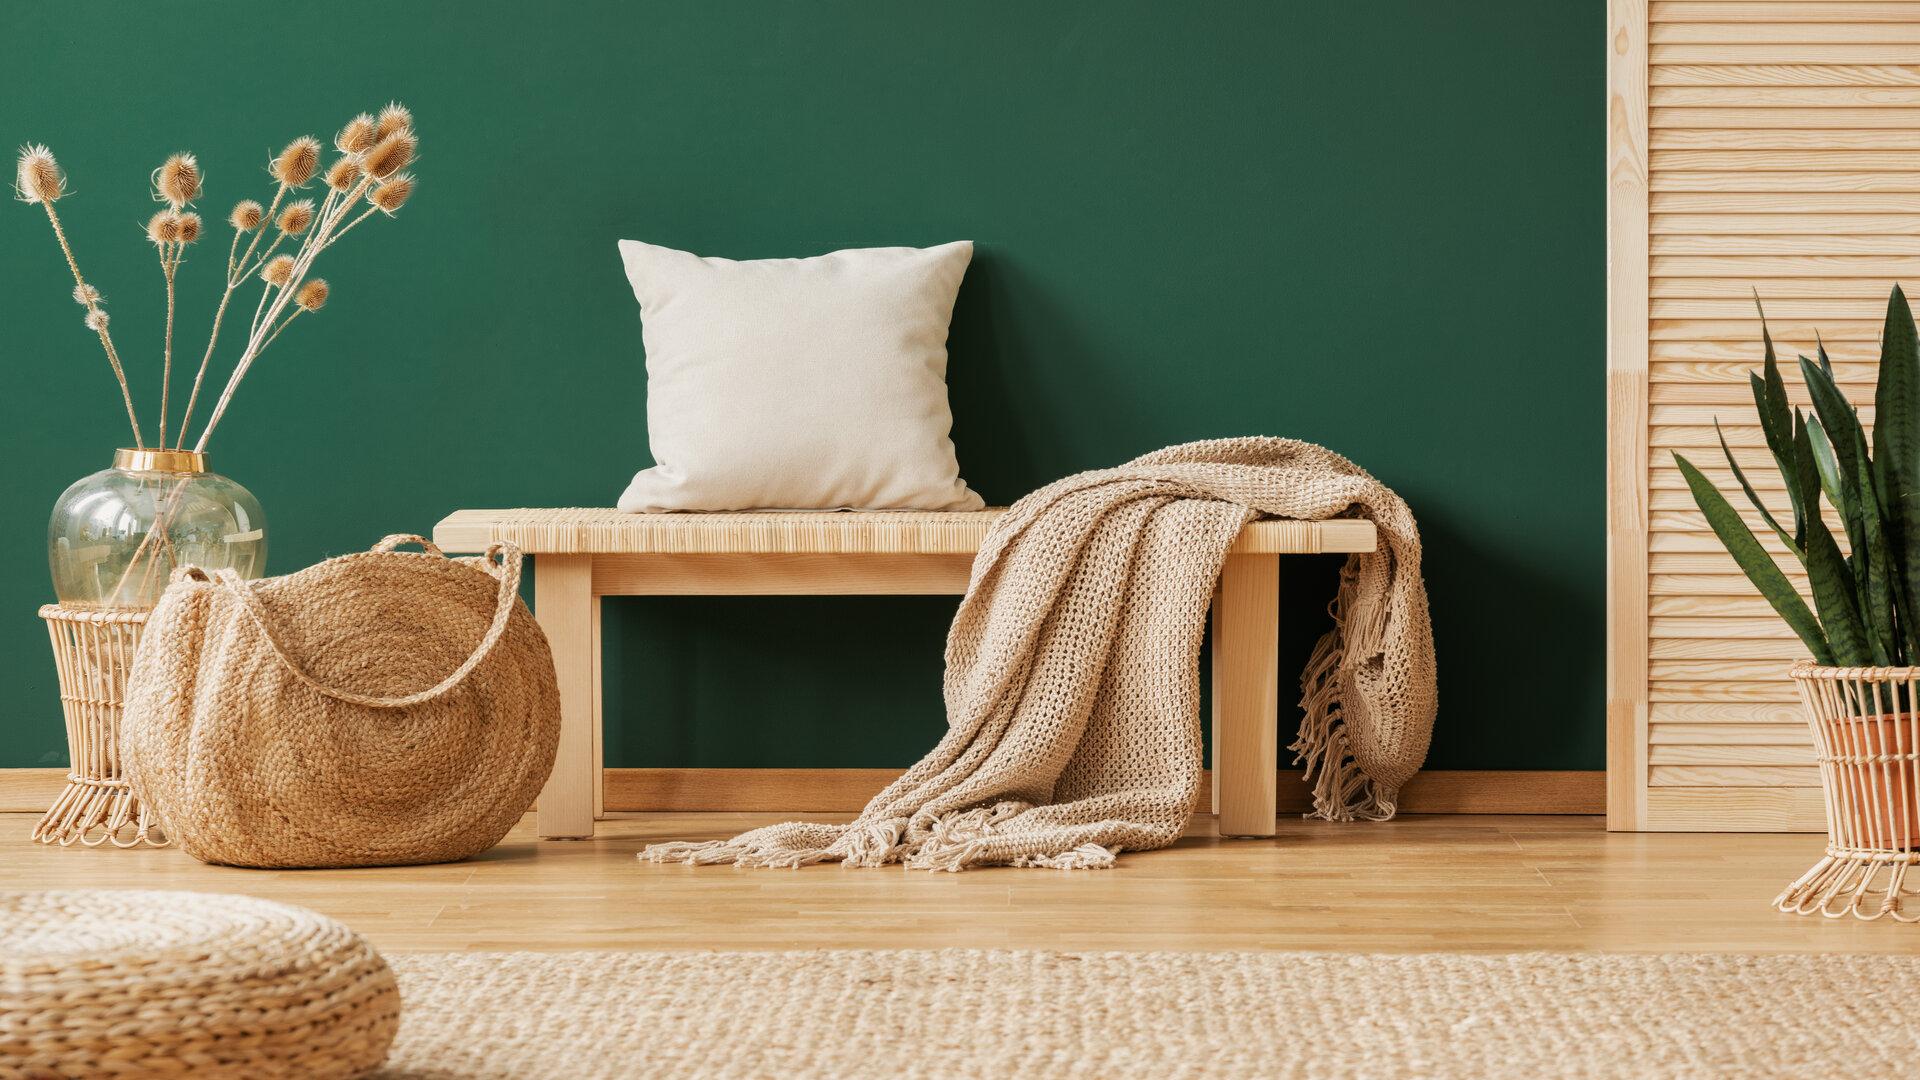 L'art de la décoration maison avec du rotin !